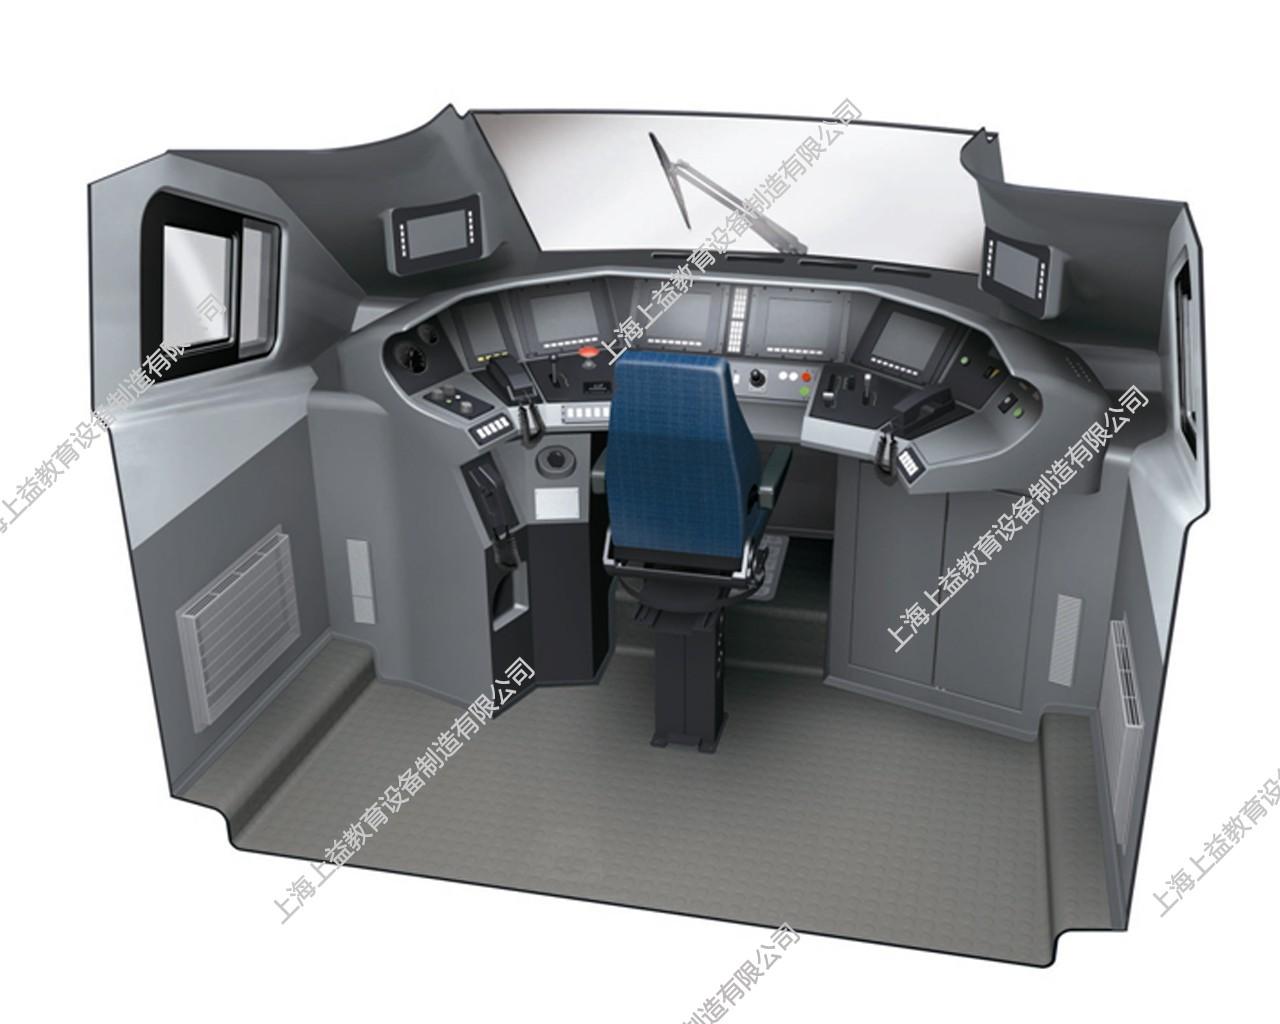 SYCRH-120型 CRH型动车组车辆wwwlehu8vip设备